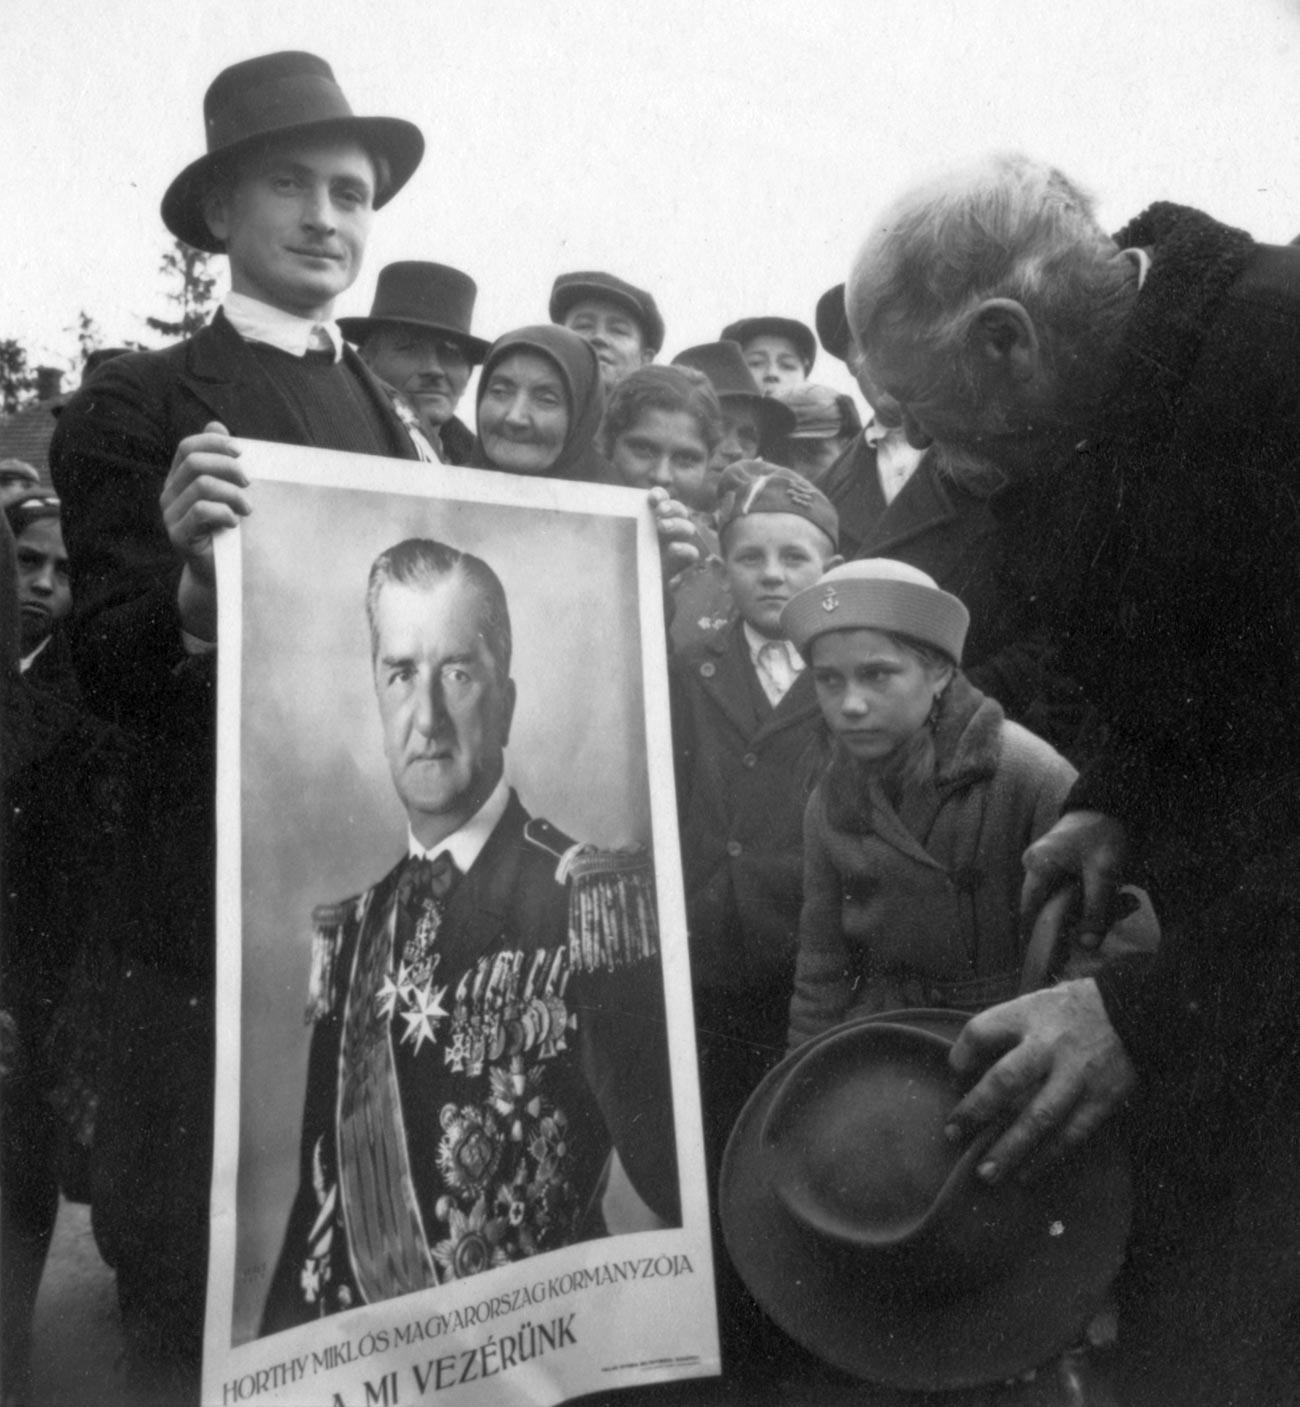 Mađari sa slikom Miklósa Horthyja.